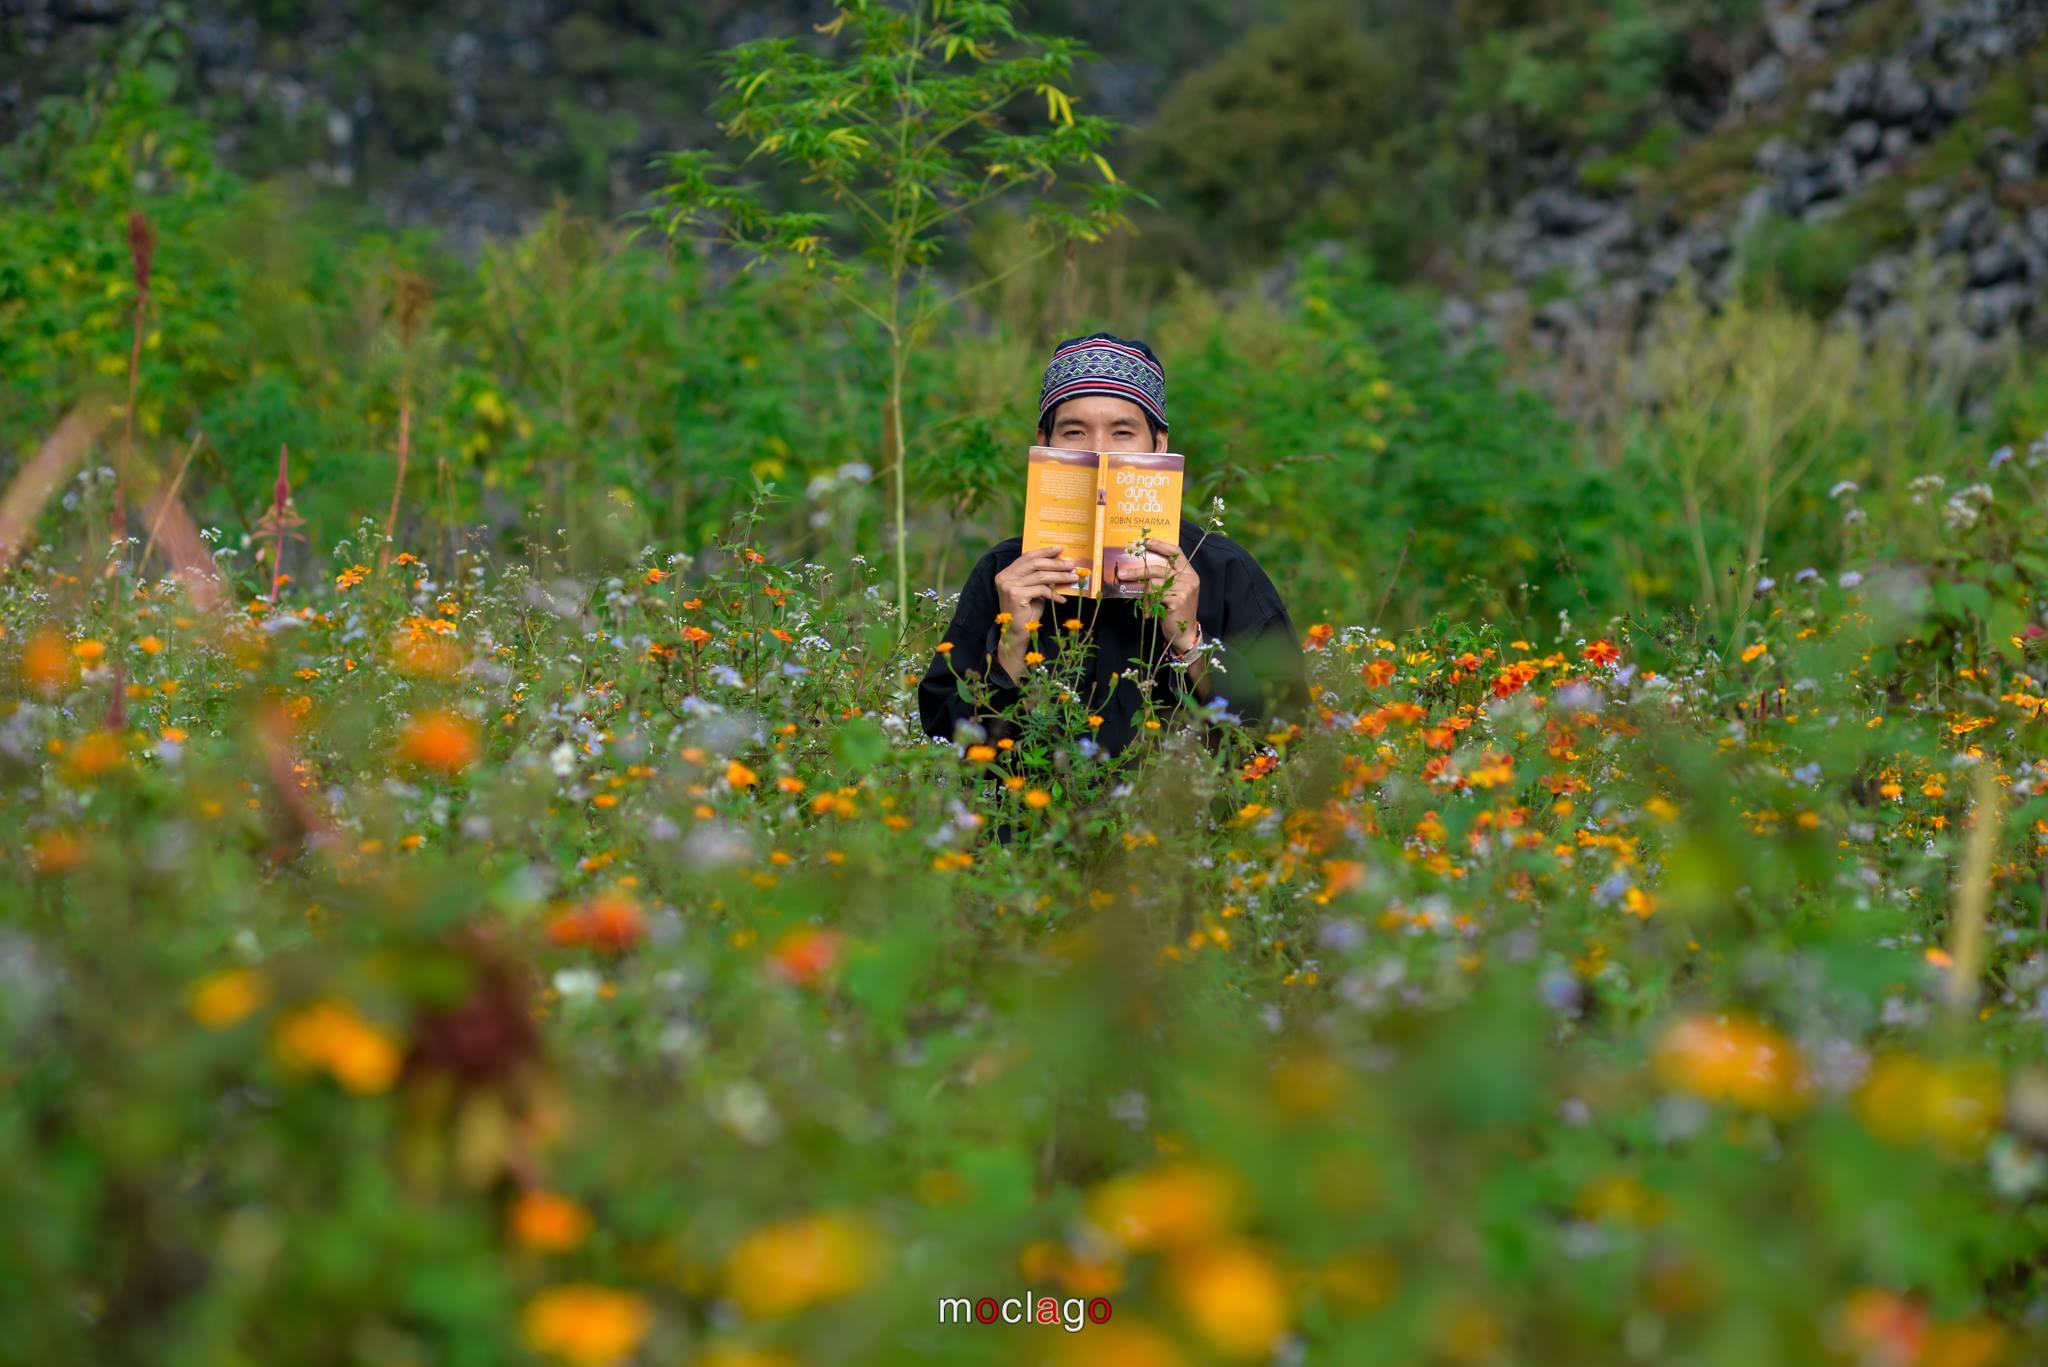 Những vạt hoa cúc họa mi nở sát bên những ruộng hoa tam giác mạch tím hồng. Hình: Moclago